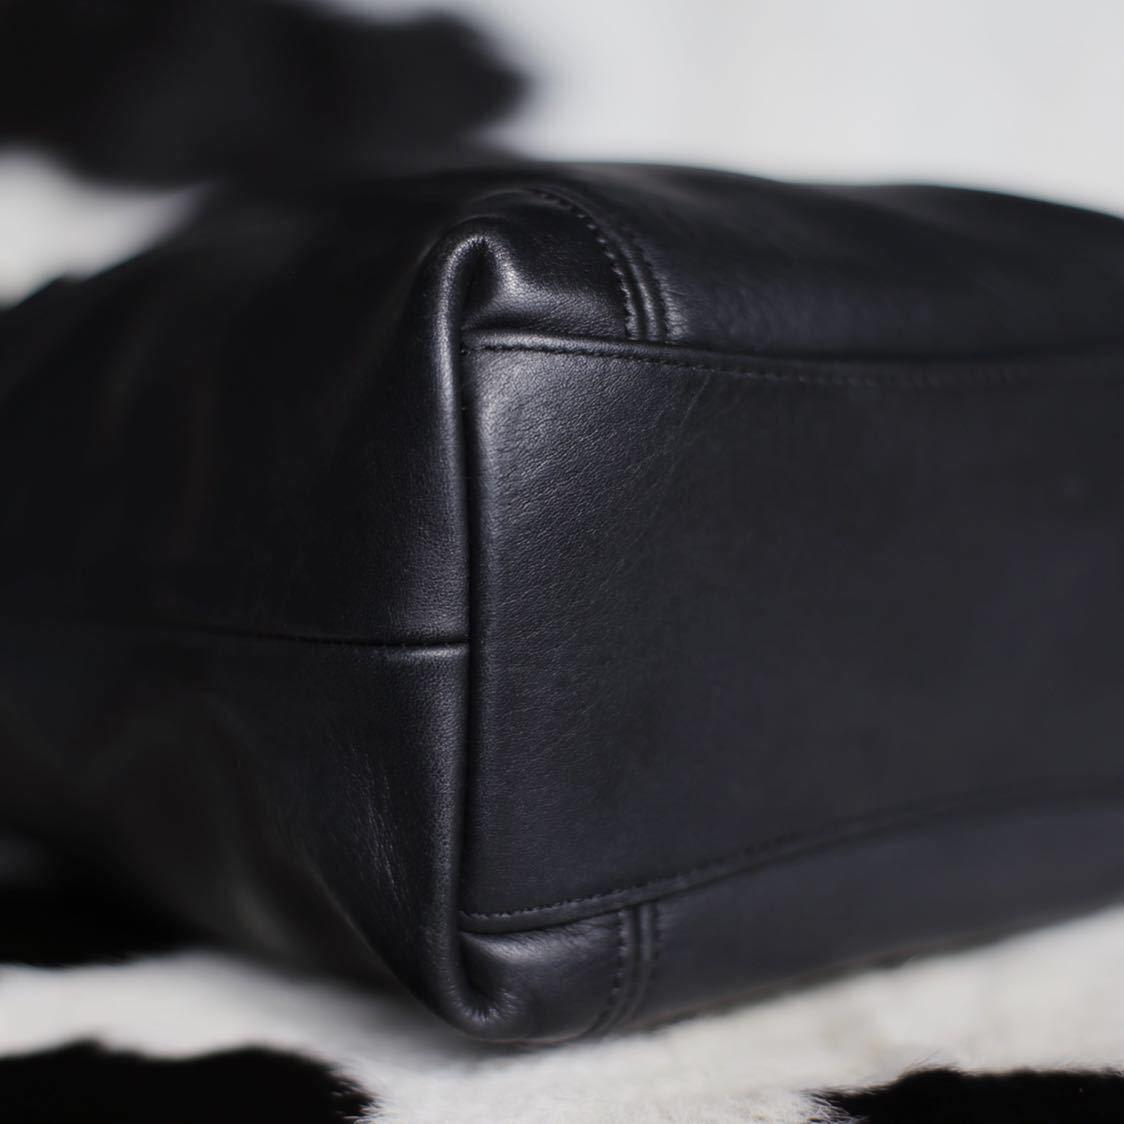 極美品 美品 コーチ COACH トートバッグ バッグ ビジネスバッグ 黒 ブラック レザー メンズバッグ 革 15万 オールドコーチ ビンテージ B5_画像6